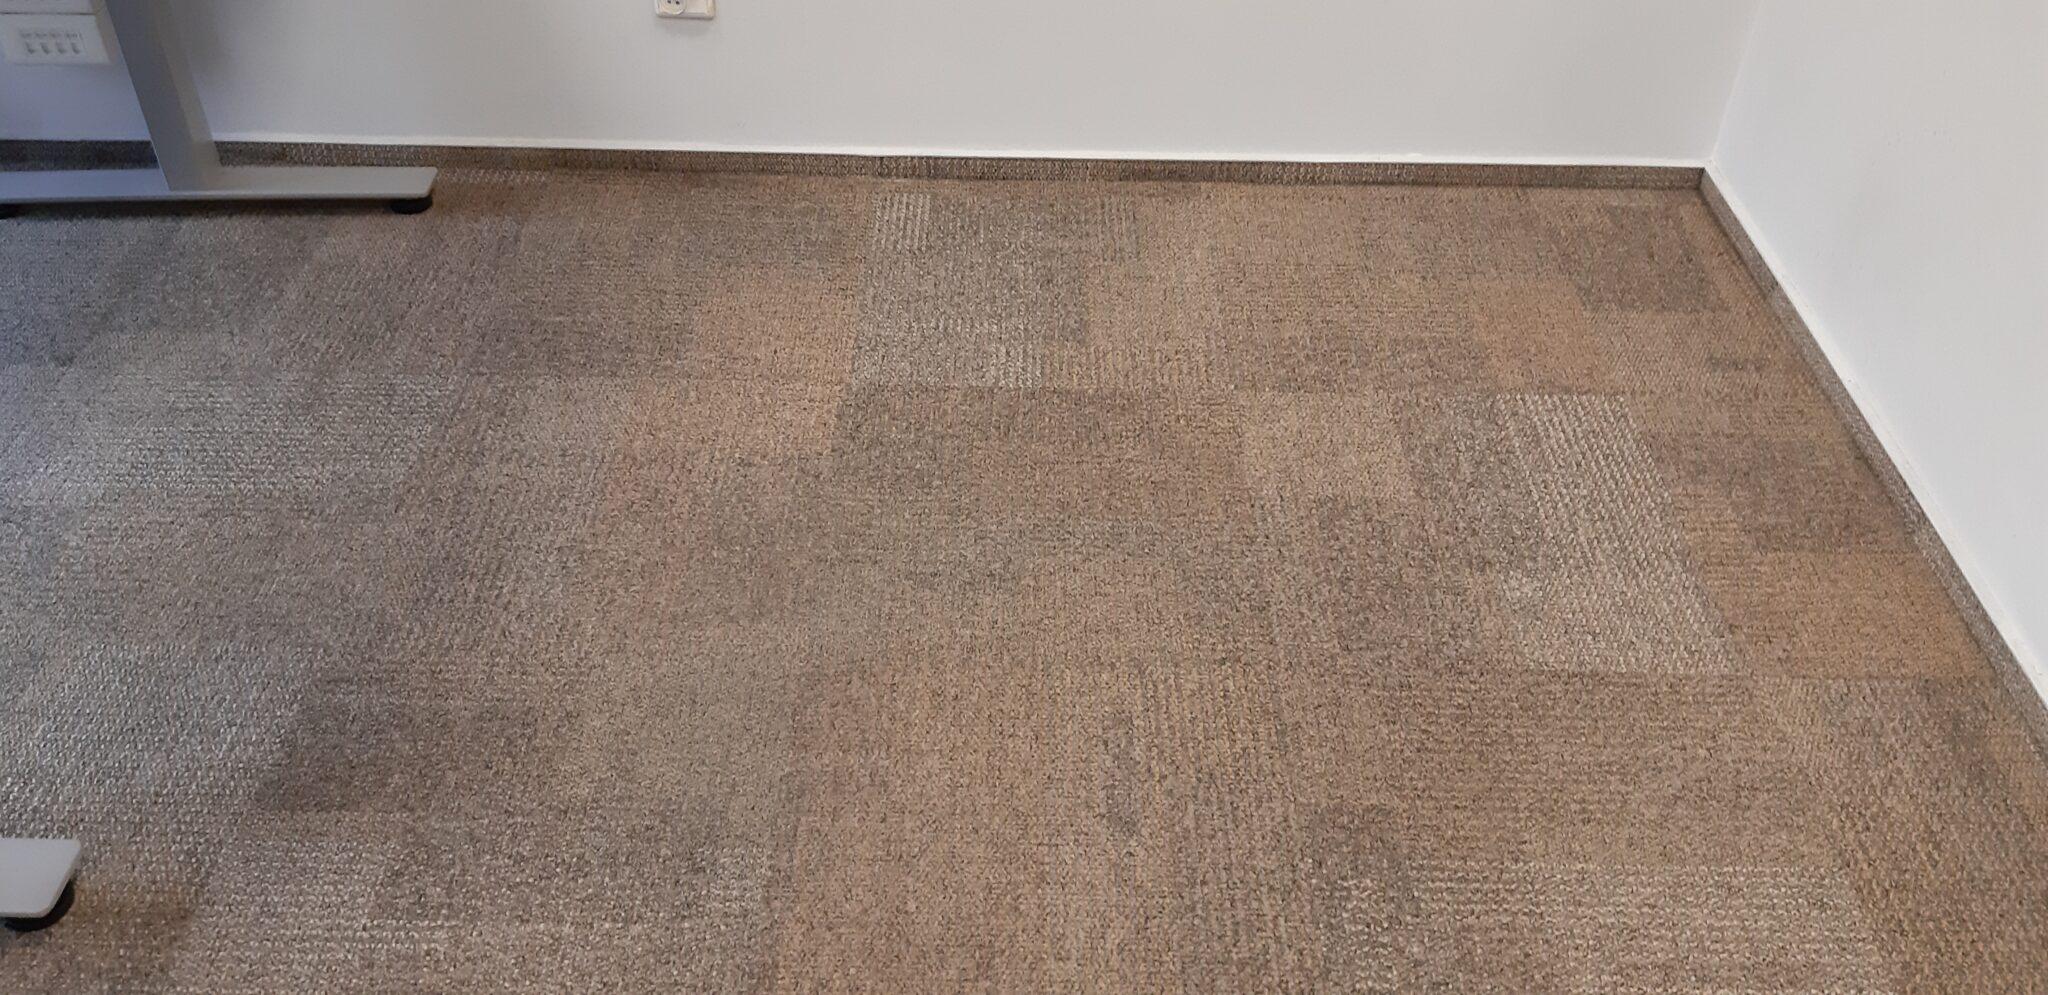 Pranie dywanów - Czyszczenie wykładzin - Pranie tapicerki - Pranie Kanapy - Pranie wykładzin / Turboszczotka - Gdańsk, Gdynia, Sopot